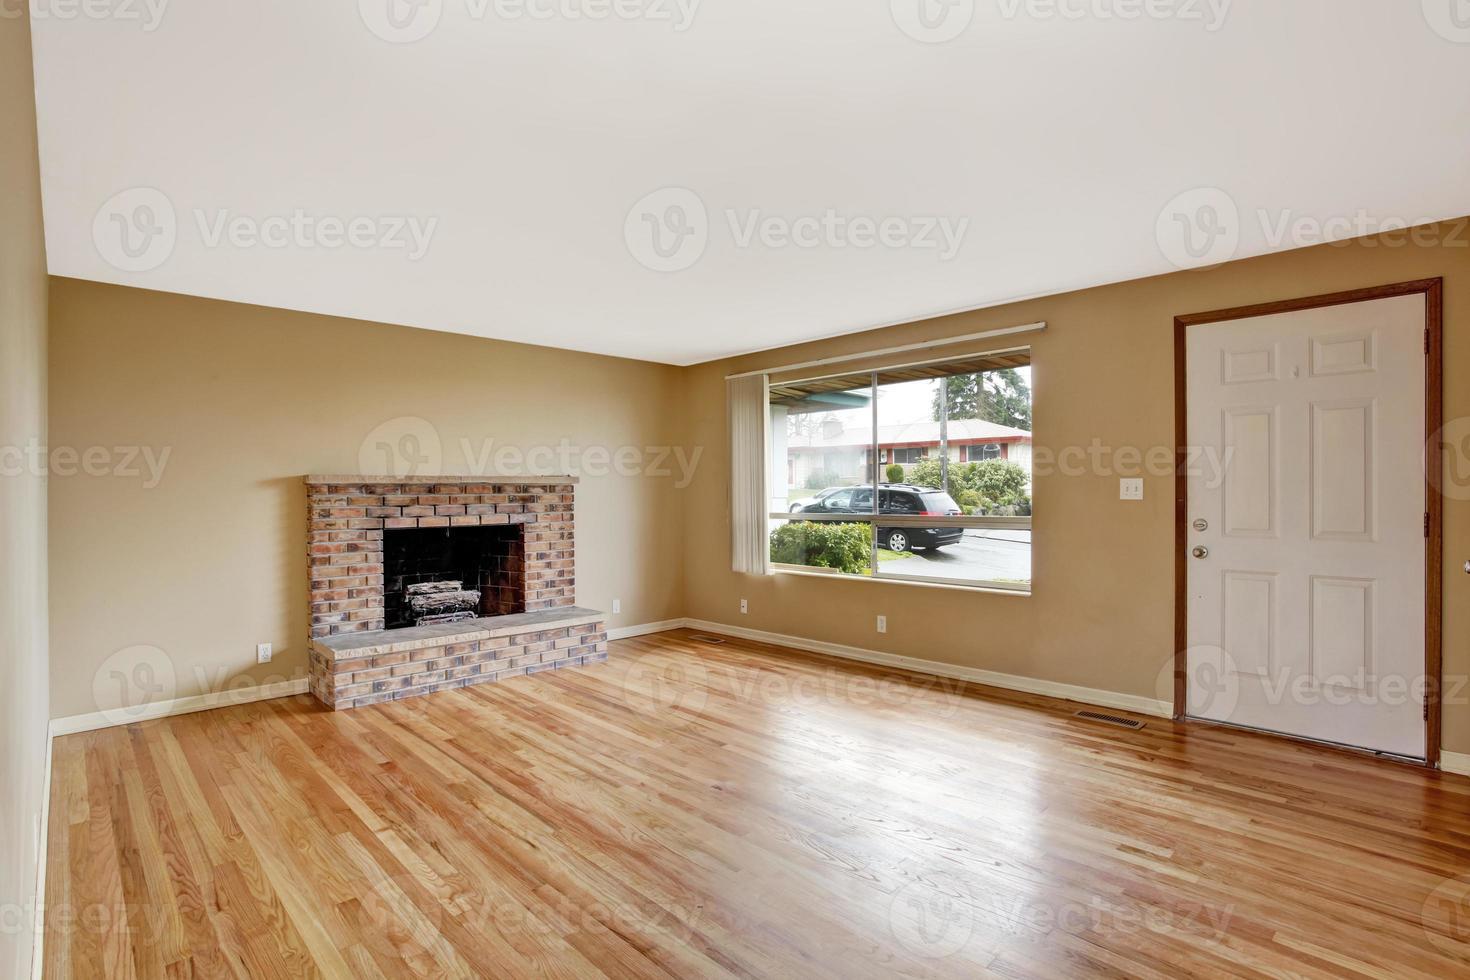 interior de la casa vacía. sala de estar con chimenea foto